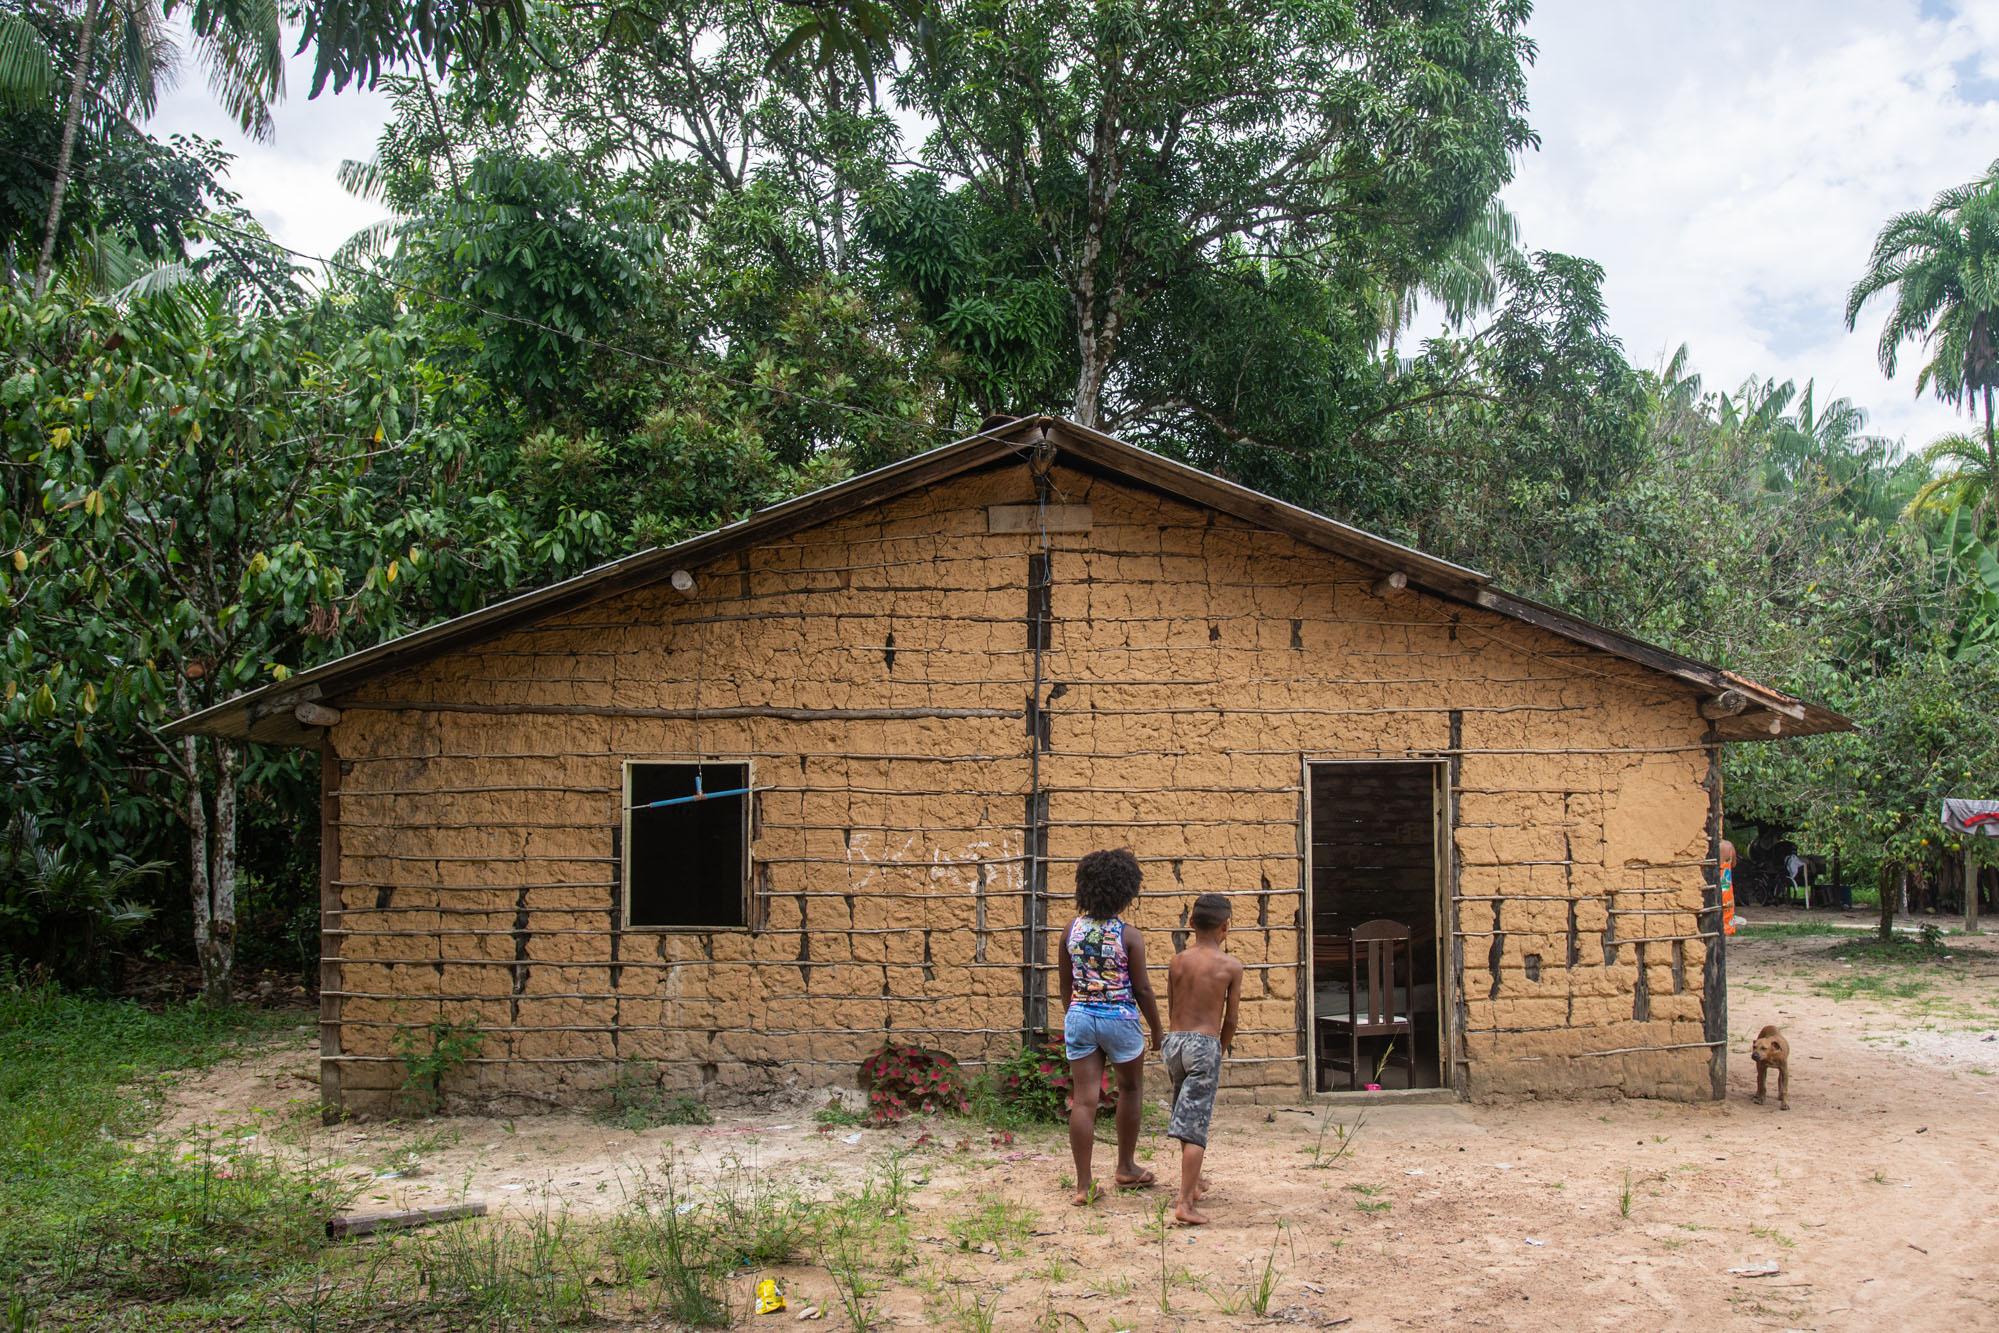 Subestação de energia entra em funcionamento e ameaça quilombolas em plena pandemia no Pará